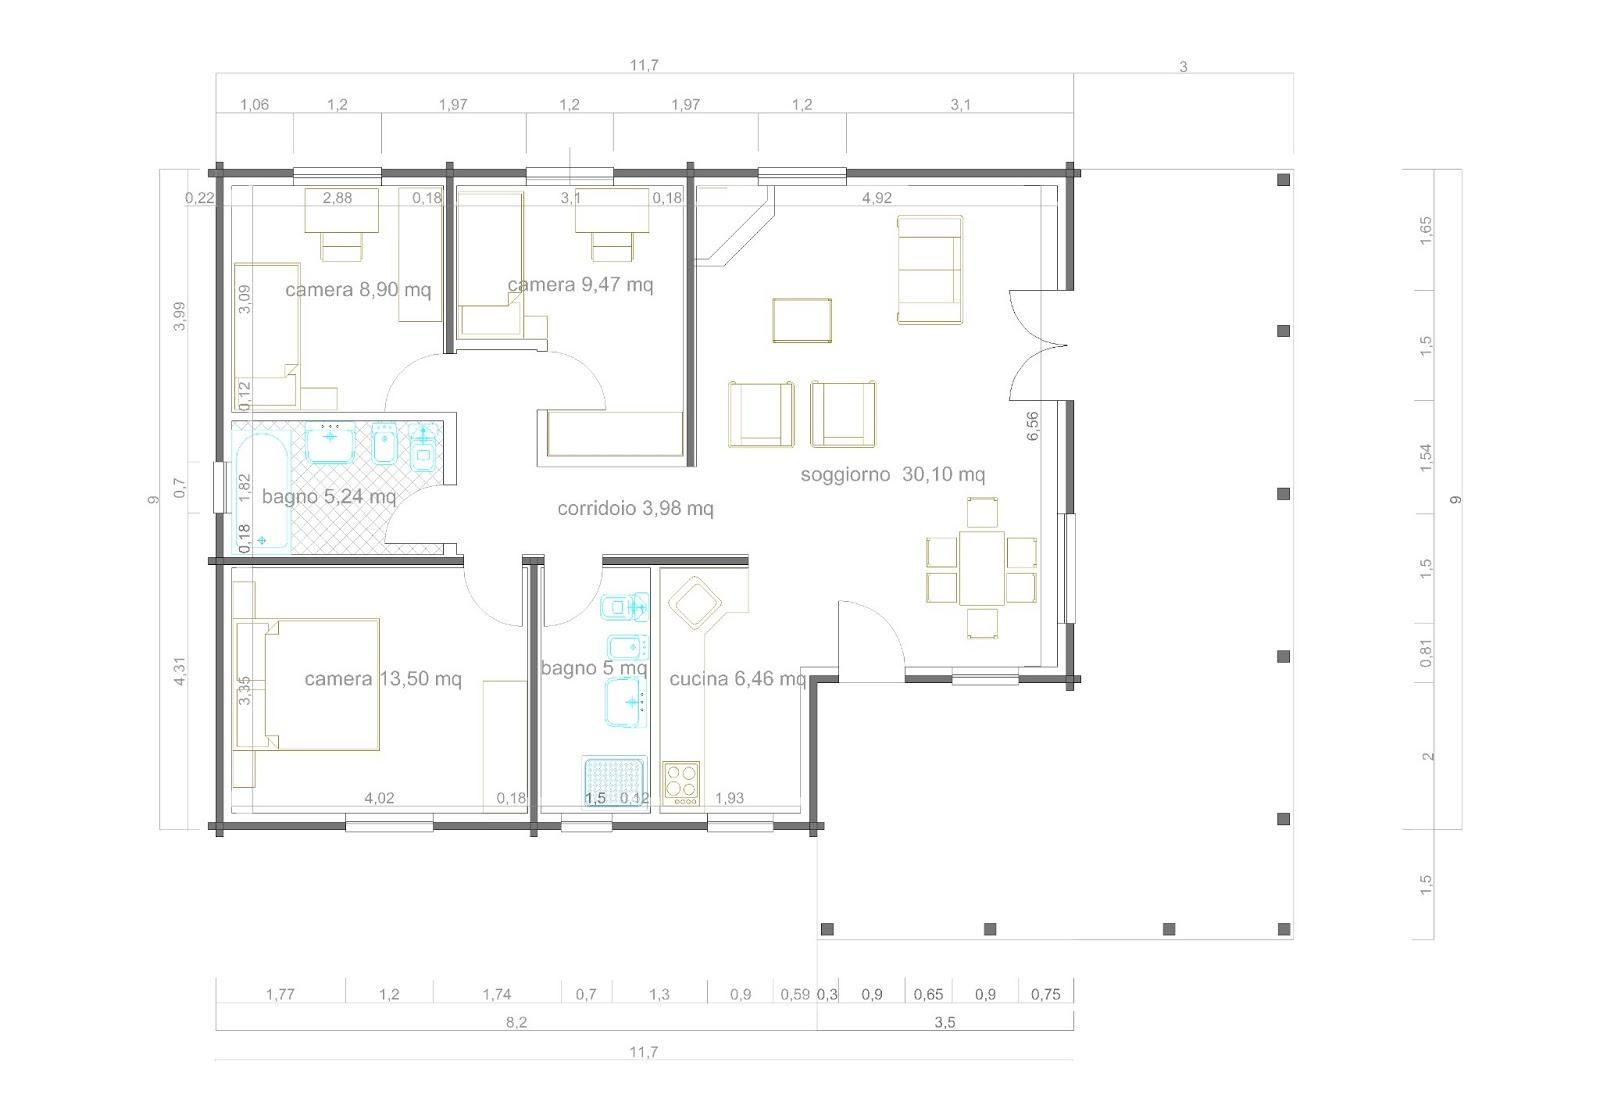 Casa blockhaus mq portico mq with proggetti case for Una pianta della casa di legno